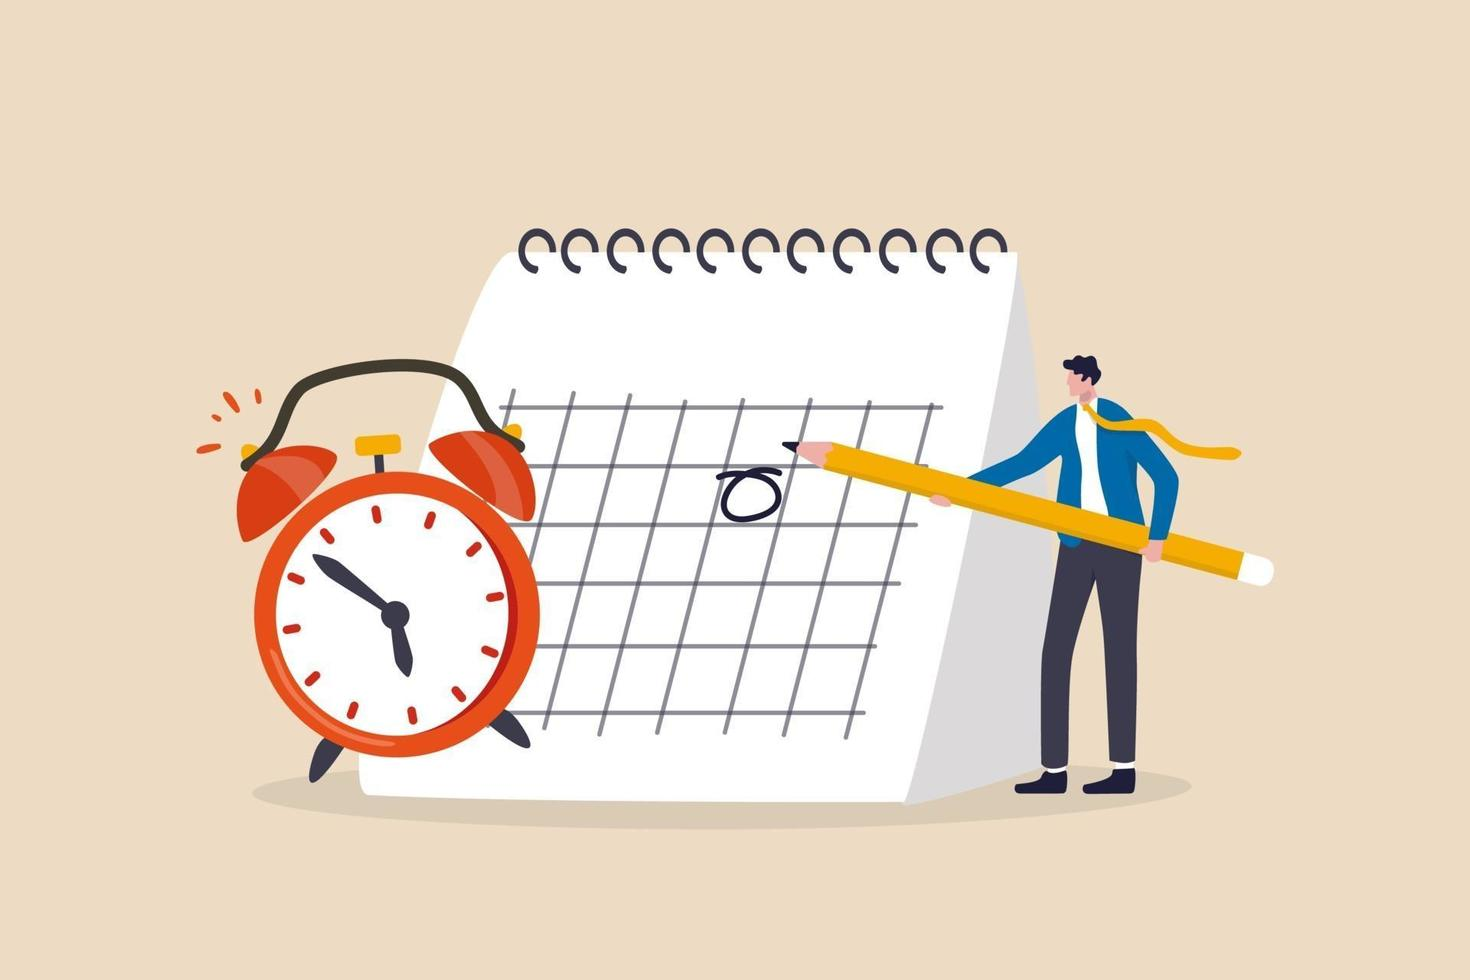 schemalägg affärsavtal, viktigt datum, arbetsprojektplan eller påminnelsekoncept vektor